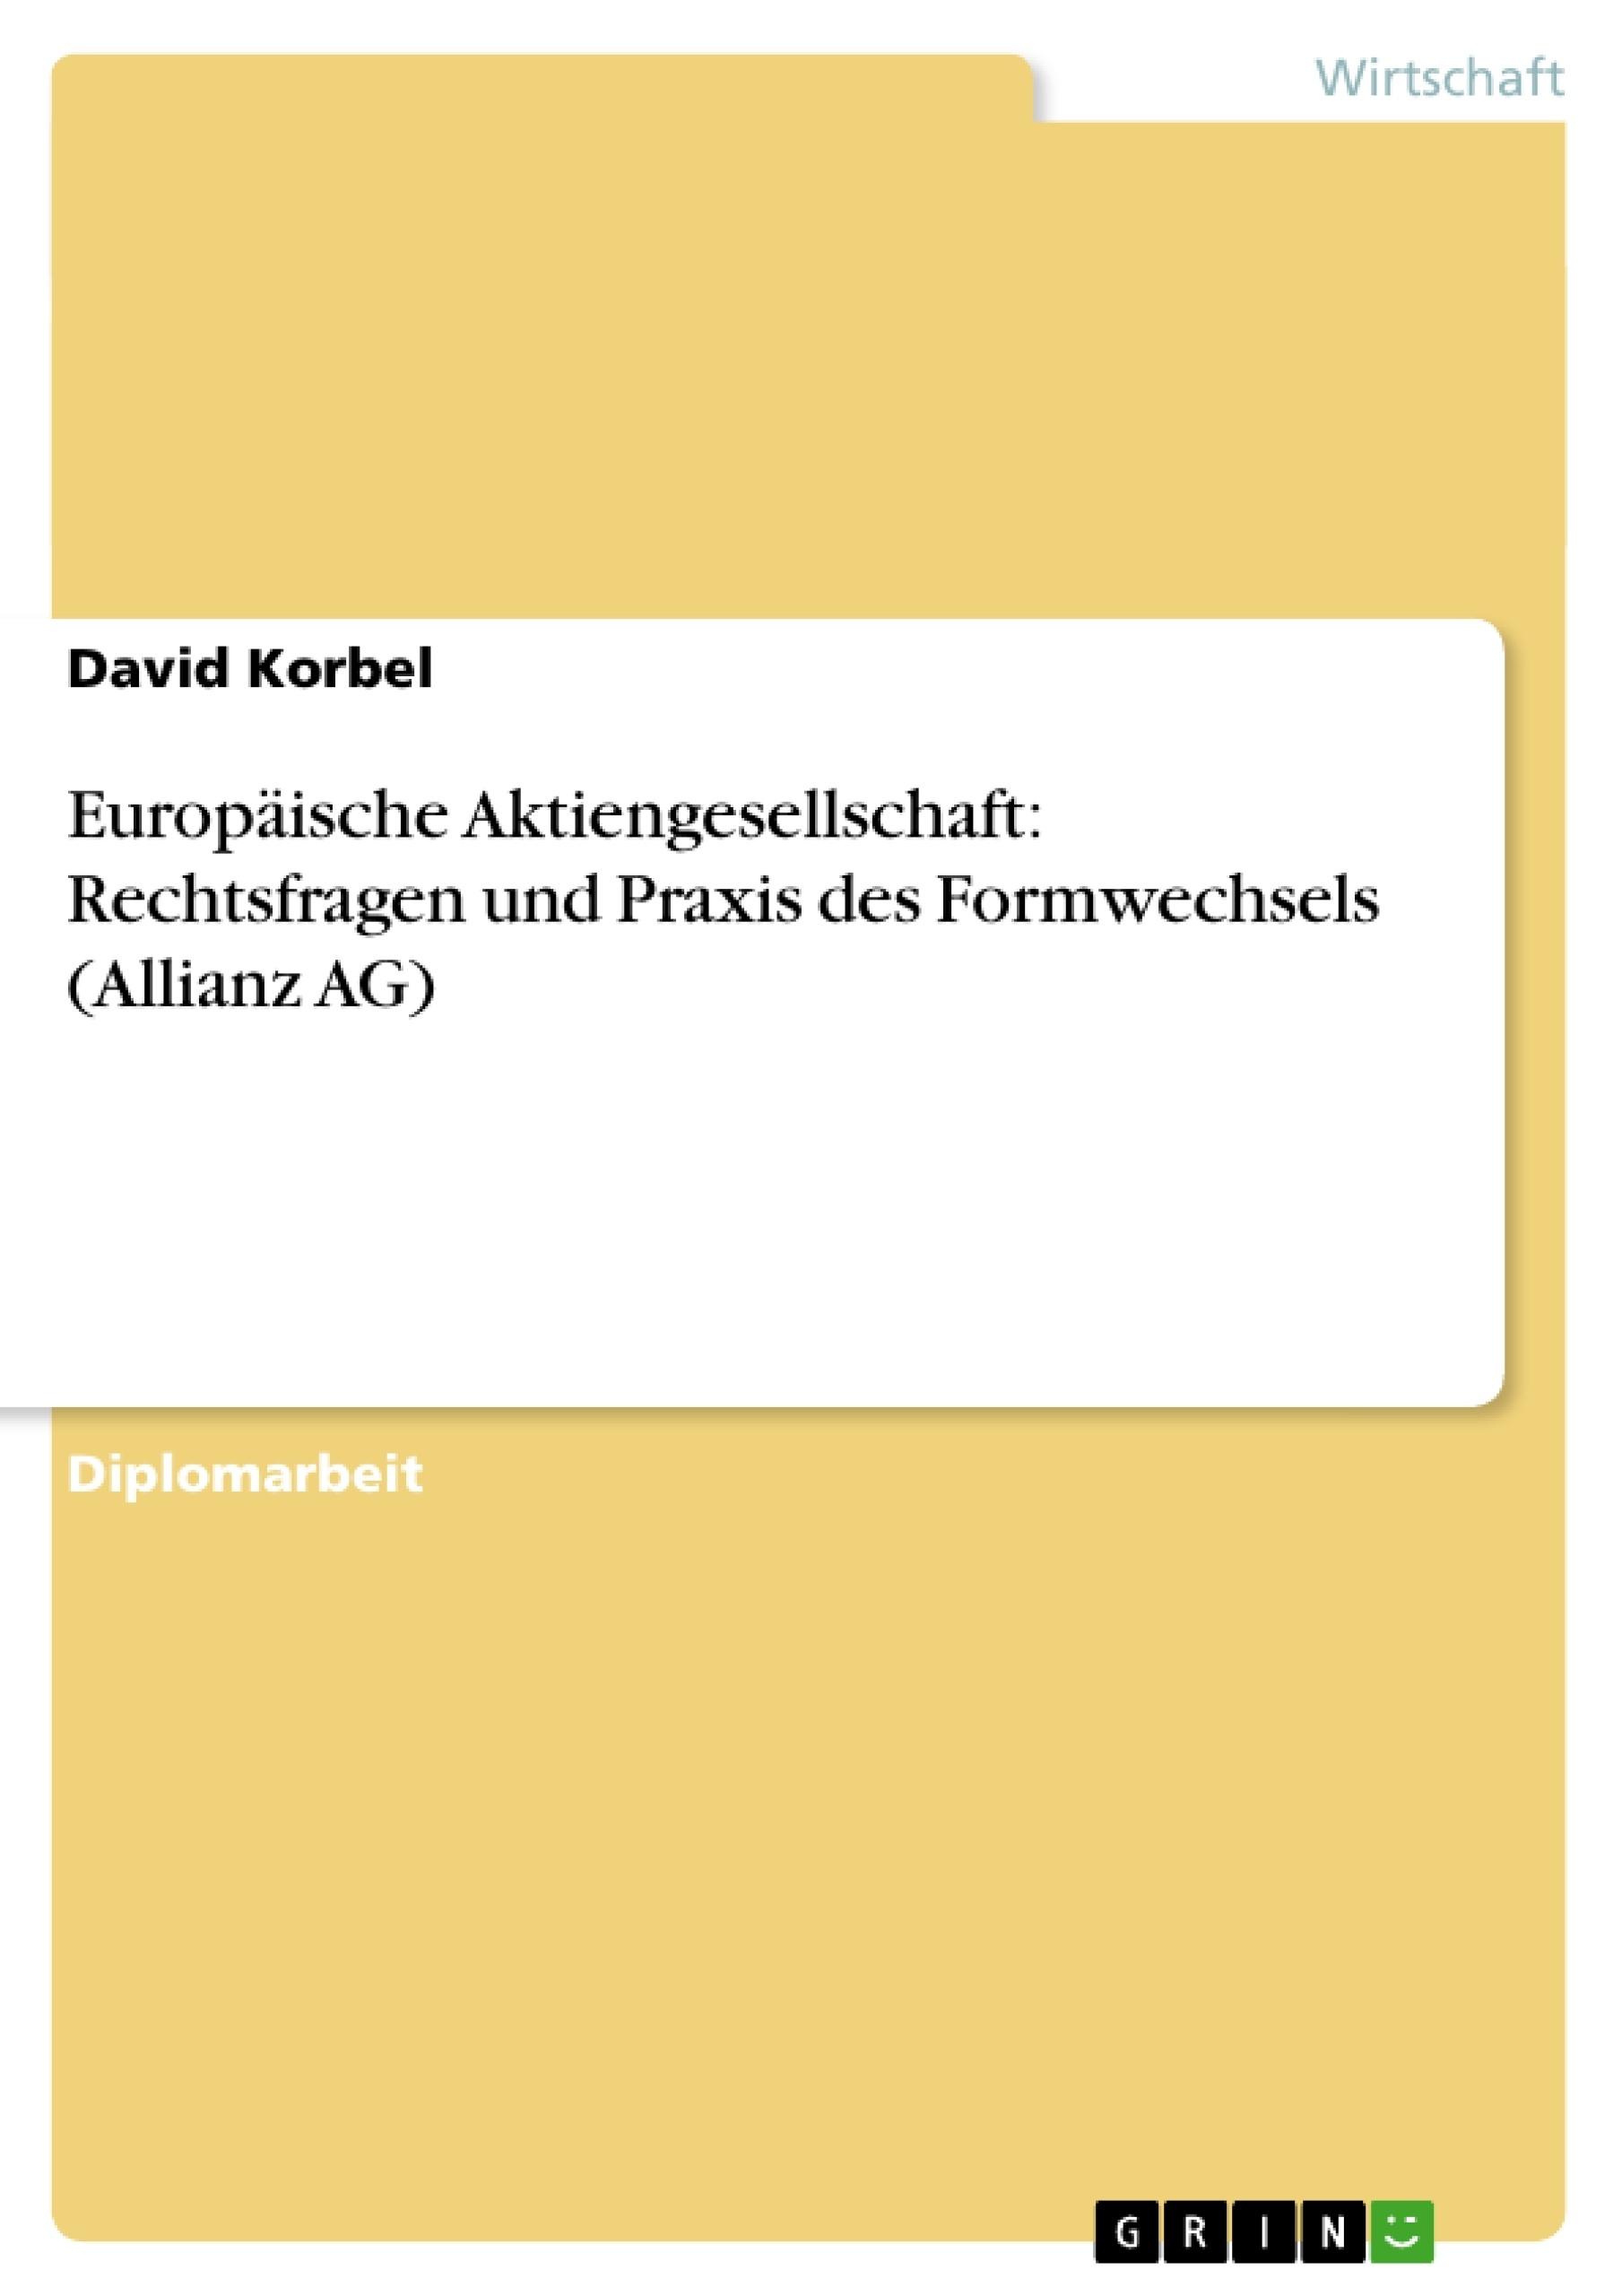 Titel: Europäische Aktiengesellschaft: Rechtsfragen und Praxis des Formwechsels (Allianz AG)